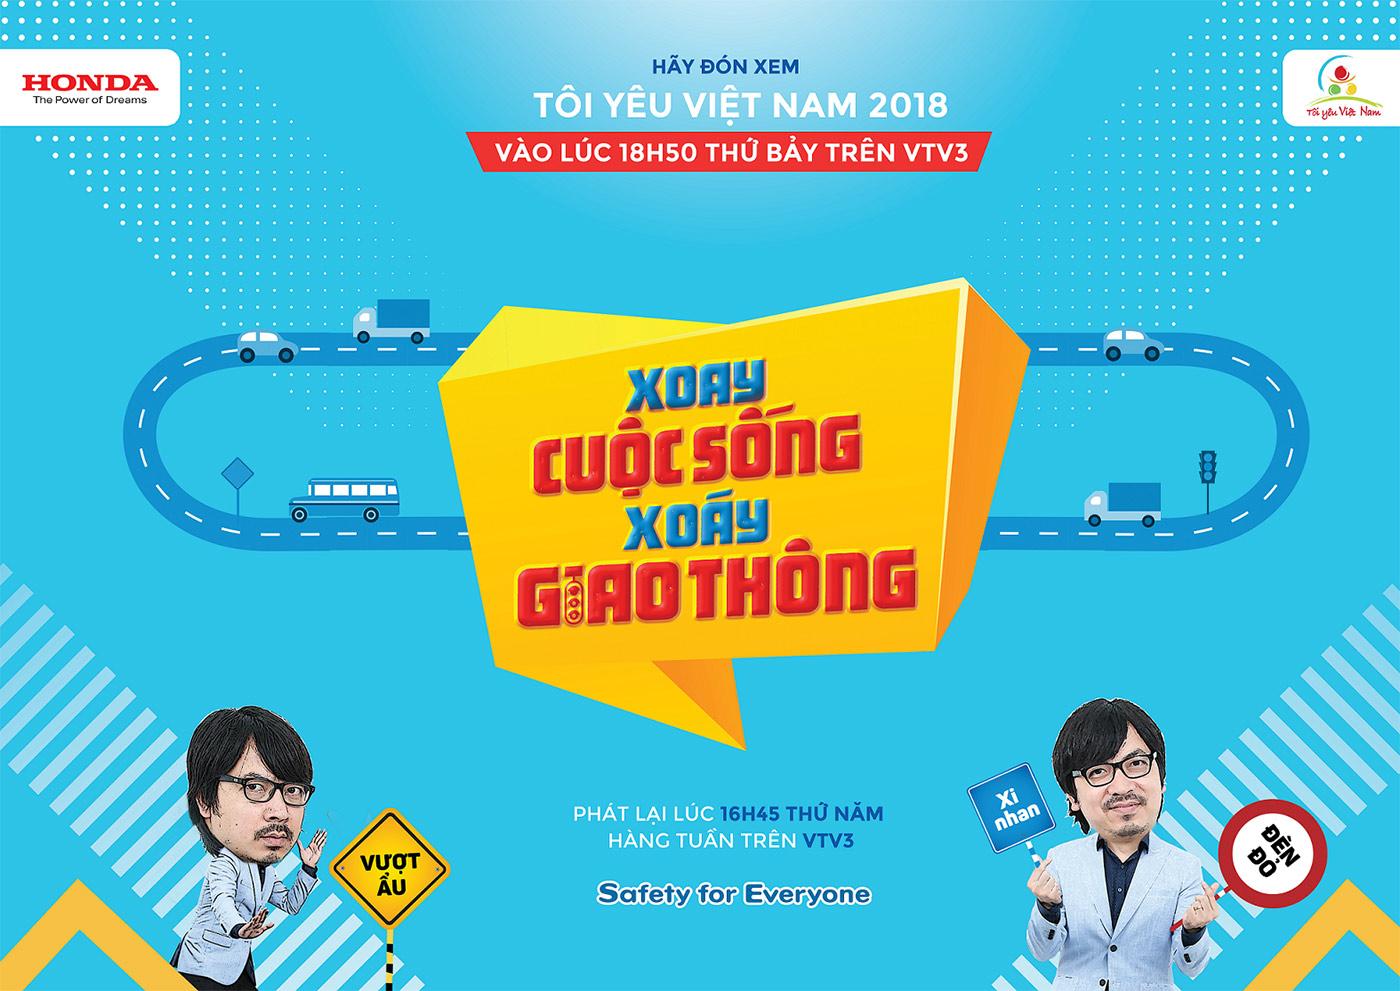 toi-yeu-vietnam-2018-02.jpg